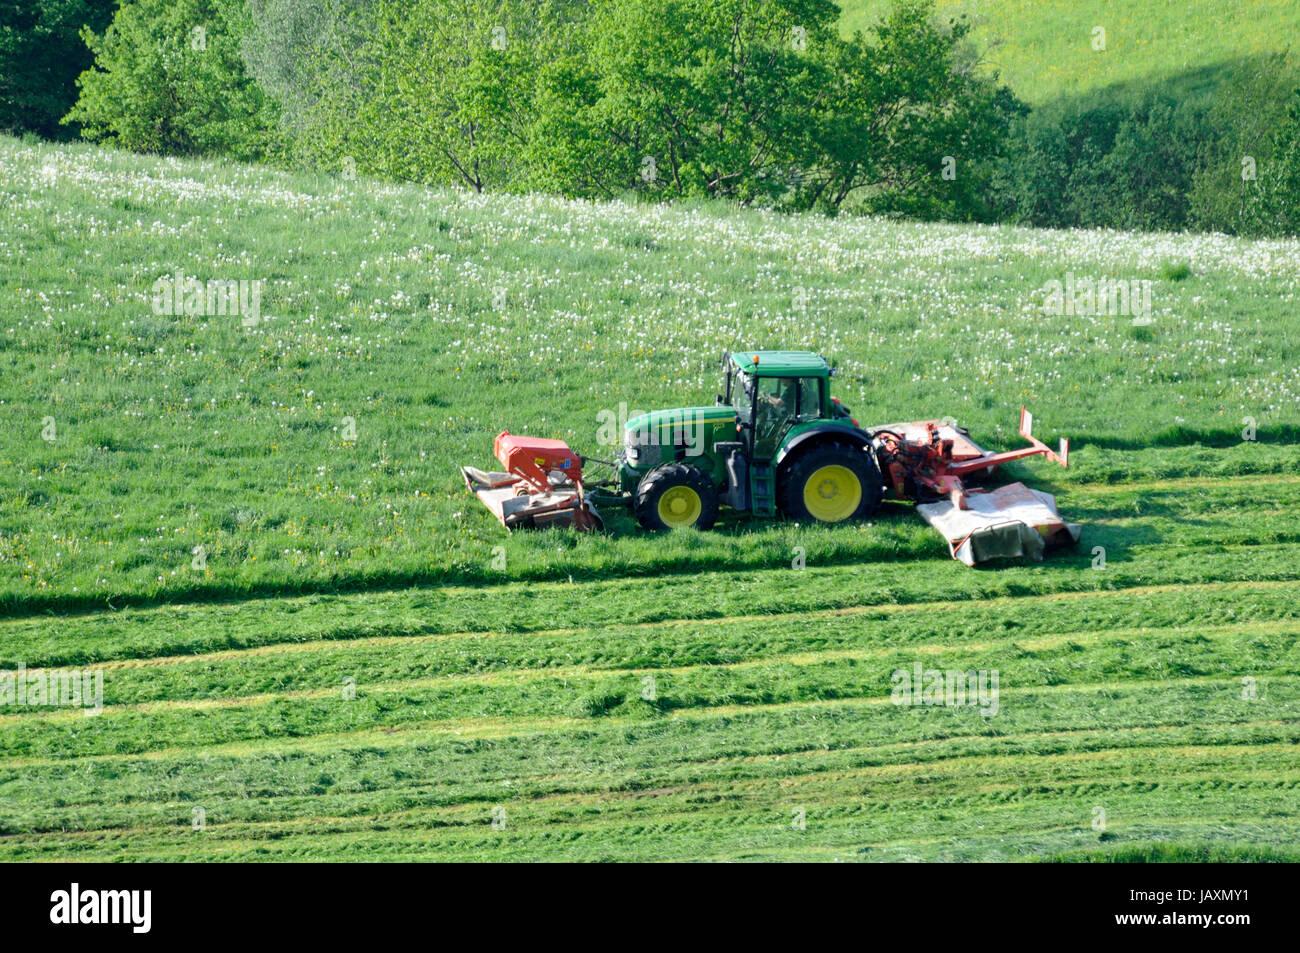 Fabelhaft traktor, schlepper, mähwerk, Gemähte Wiese, landwirtschaft, wiese @RN_23